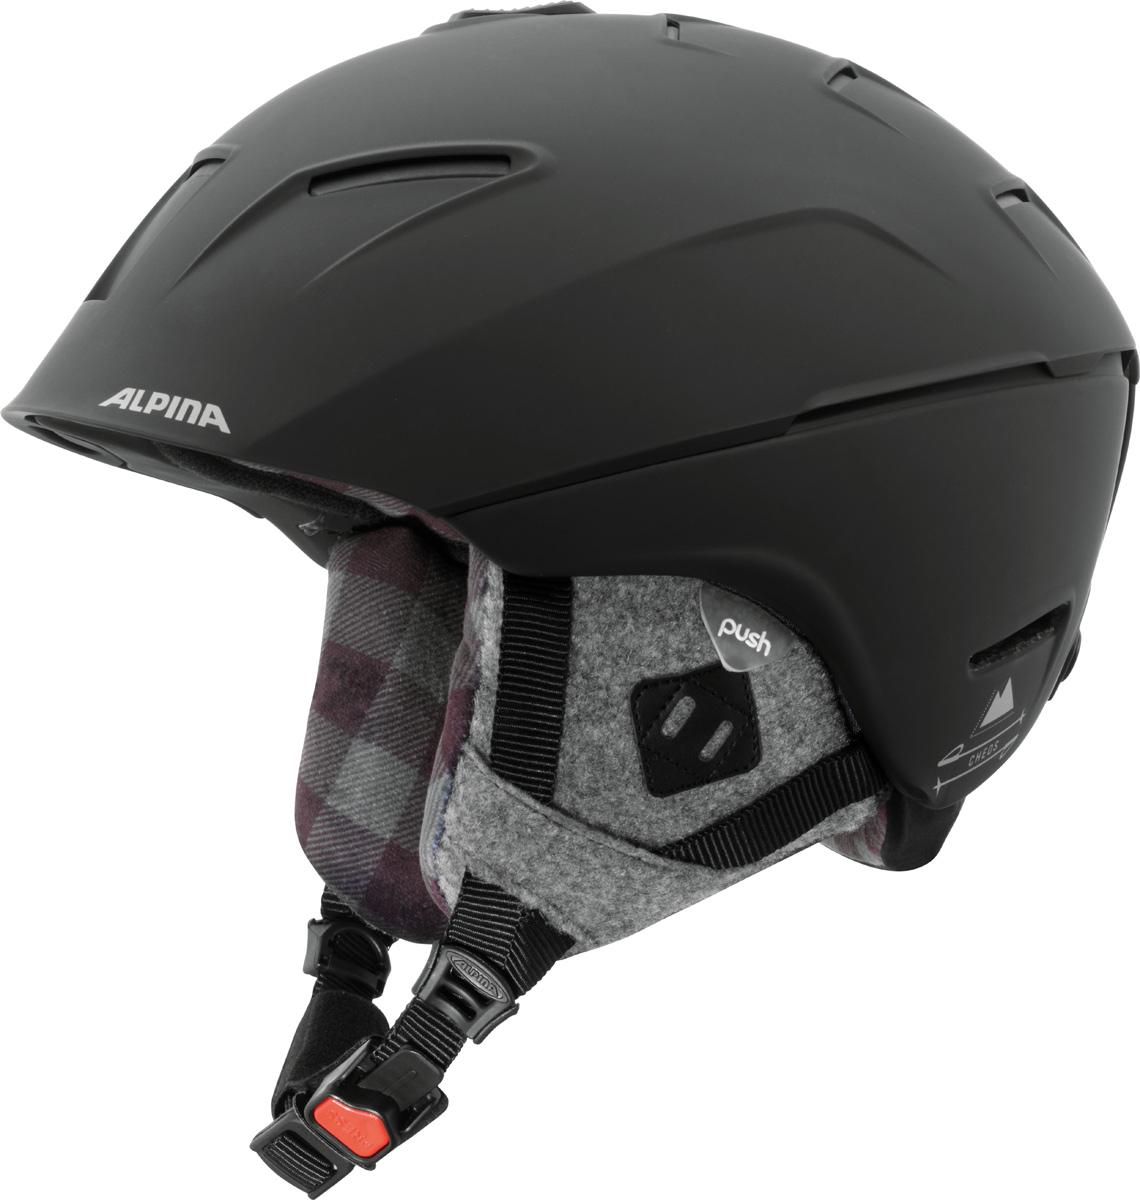 Шлем горнолыжный Alpina Cheos, цвет: черный. A9058_34. Размер 58-61A9058_34Модель Alpina Cheos сочетает передовые технологии, уникальные характеристики, бескомпромиссную безопасность и исключительный дизайн. Технологии:Hybrid - нижняя часть шлема состоит из легкого Inmold, что обеспечивает хорошую амортизацию. Верхняя часть - супер-прочный Hardshell. Edge Protect – усиленная нижняя часть шлема, выполненная по технологии Inmold. Дополнительная защита при боковых ударах. Run System – простая система настройки шлема, позволяющая добиться надежной фиксации. Airstream Control – регулируемые воздушные клапана для полного контроля внутренней вентиляции. Removable Earpads - съемные амбушюры добавляют чувства свободы во время катания в теплую погоду, не в ущерб безопасности. При падении температуры, амбушюры легко устанавливаются обратно на шлем. Changeable Interior – съемная внутренняя часть. Допускается стирка в теплой мыльной воде. Neckwarmer – дополнительное утепление шеи. Изготовлено из мягкого флиса. 3D Fit – ремень, позволяющий регулироваться затылочную часть шлема. Пять позиций позволят настроить идеальную посадку.Что взять с собой на горнолыжную прогулку: рассказывают эксперты. Статья OZON Гид